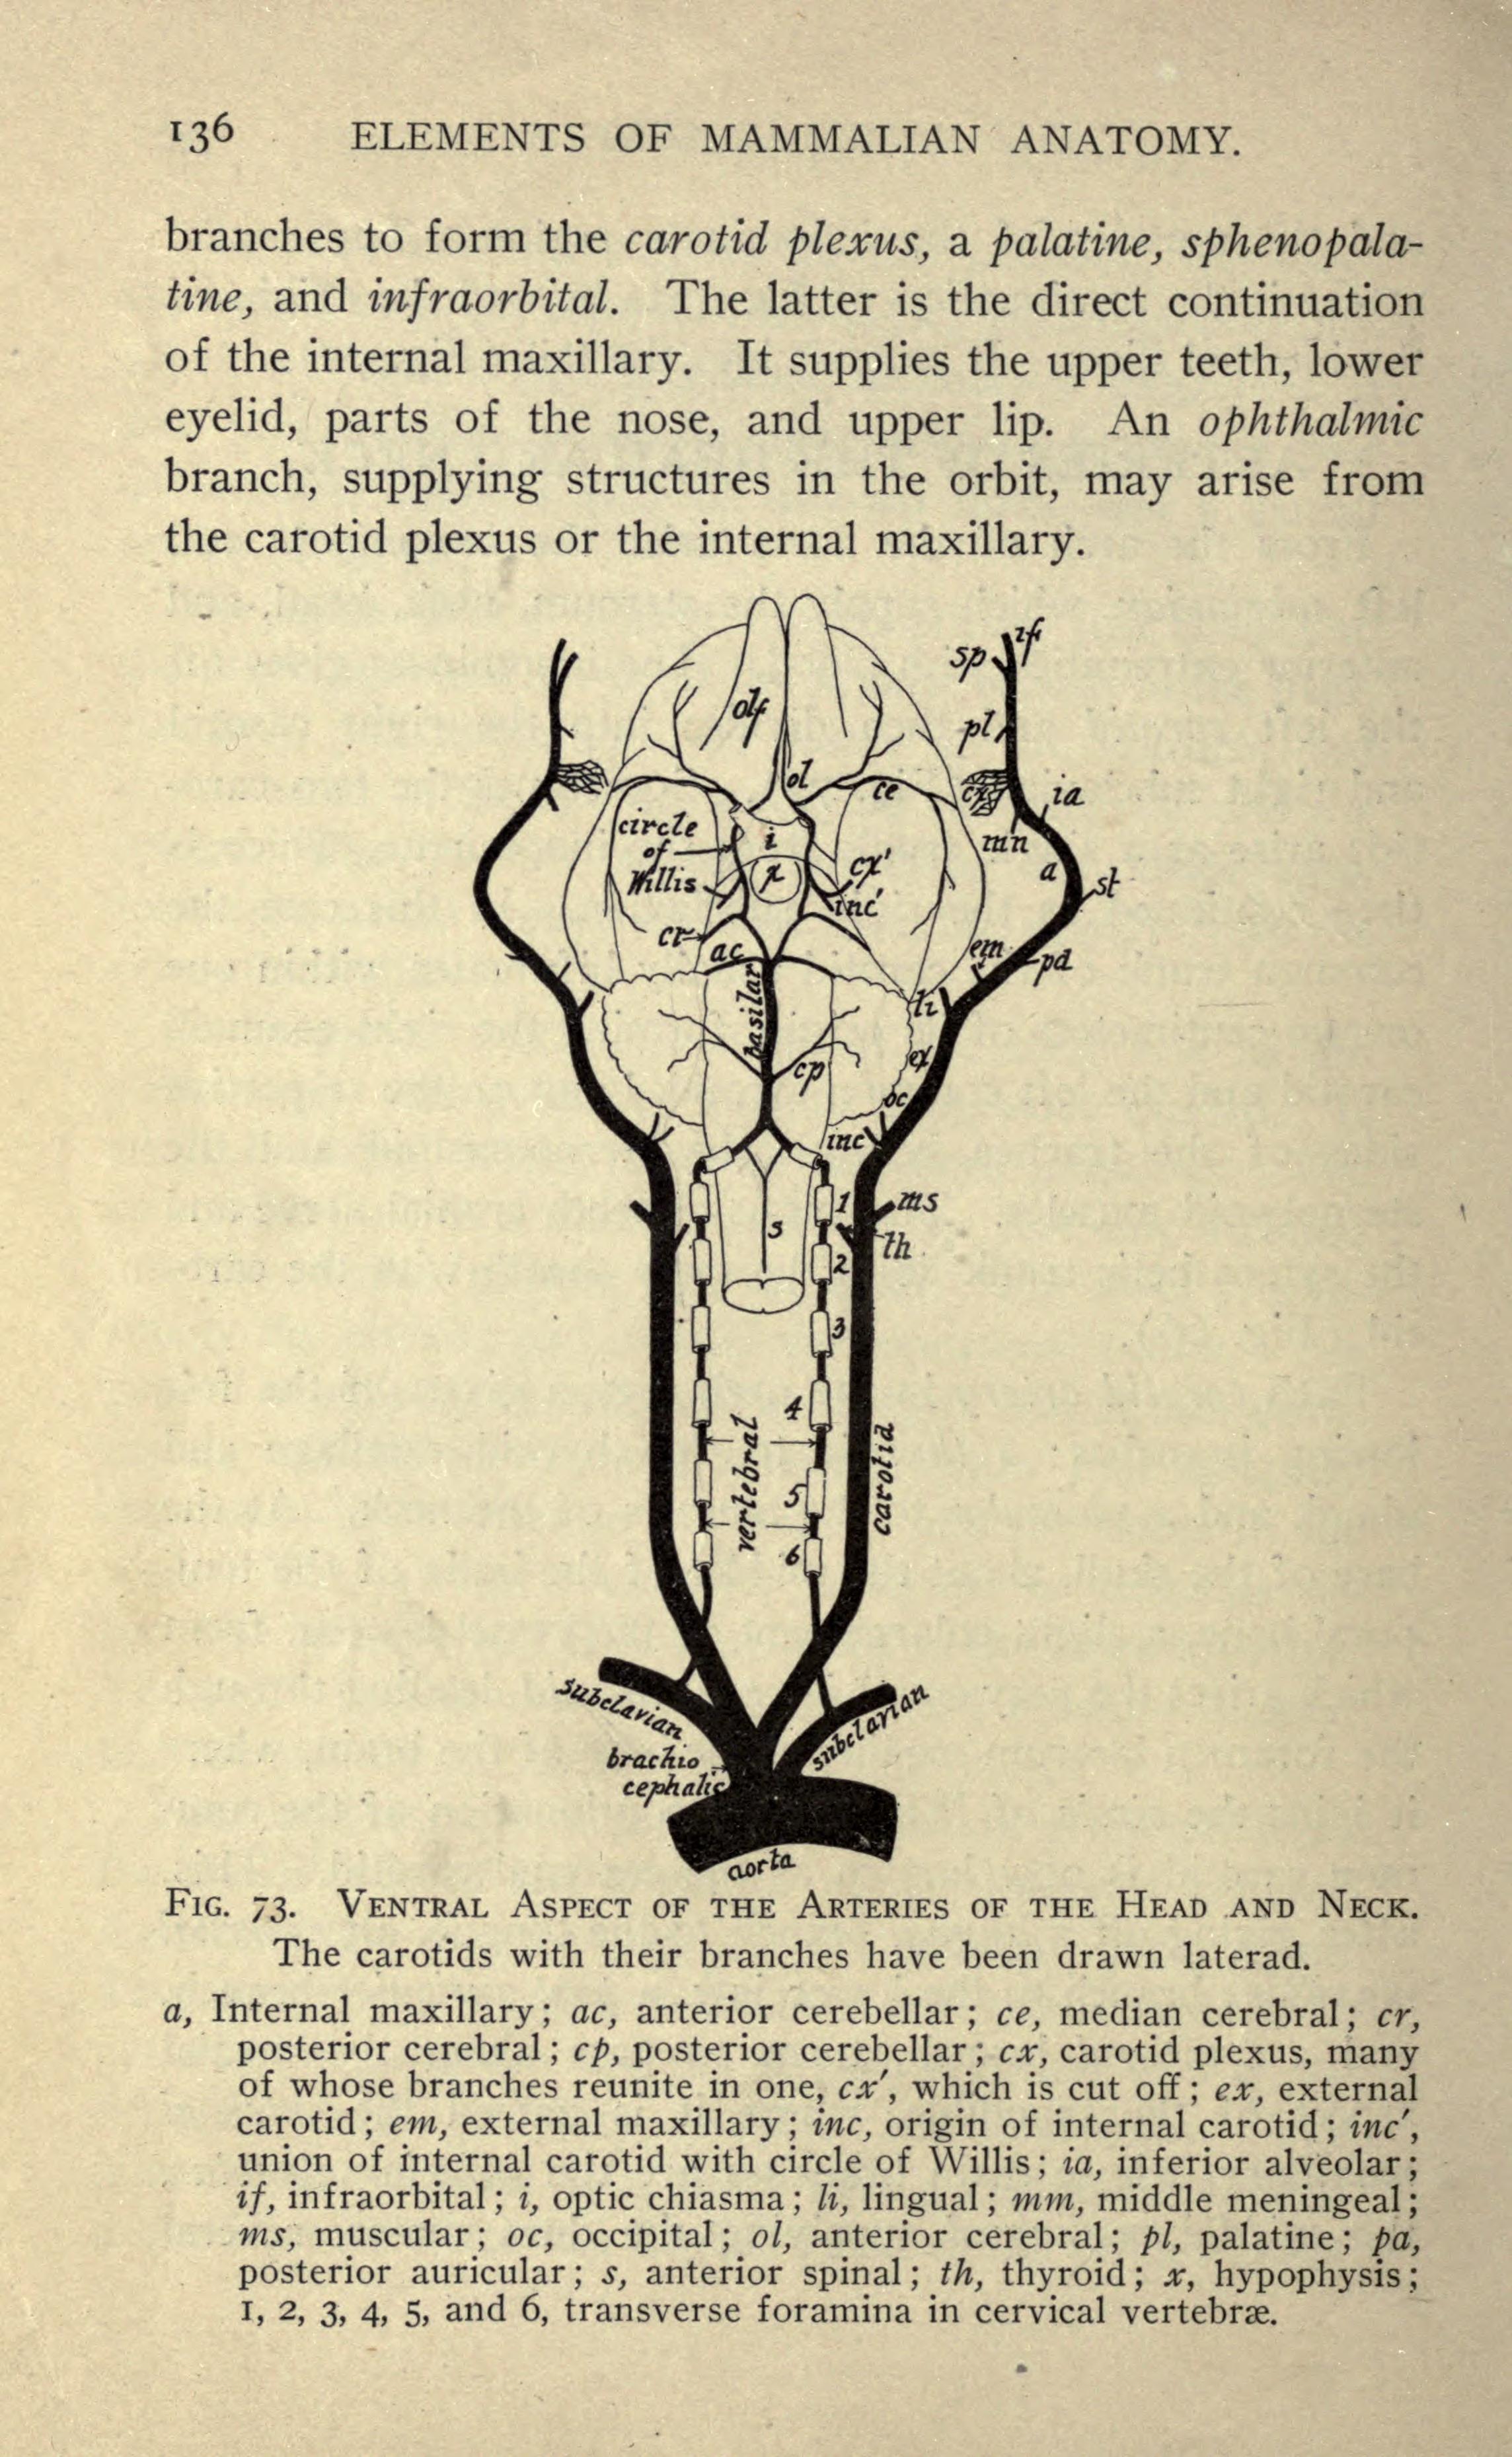 File:Mammalian anatomy (Page 136) BHL18735579.jpg - Wikimedia Commons